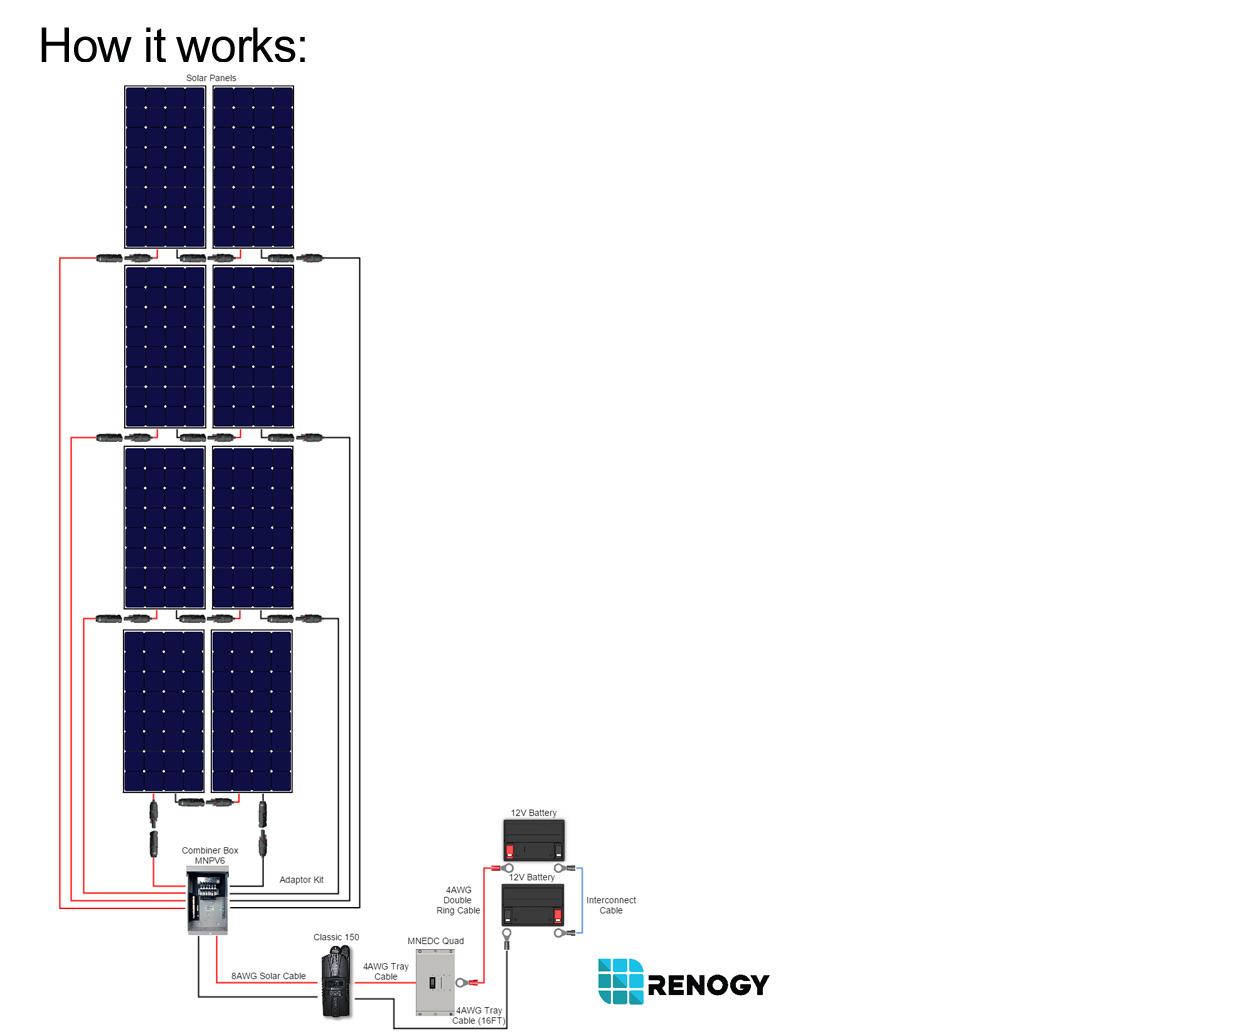 2400_watt_cabin_kit 2400 watt 24 volt polycrystalline cabin kit renogy solar  at gsmx.co